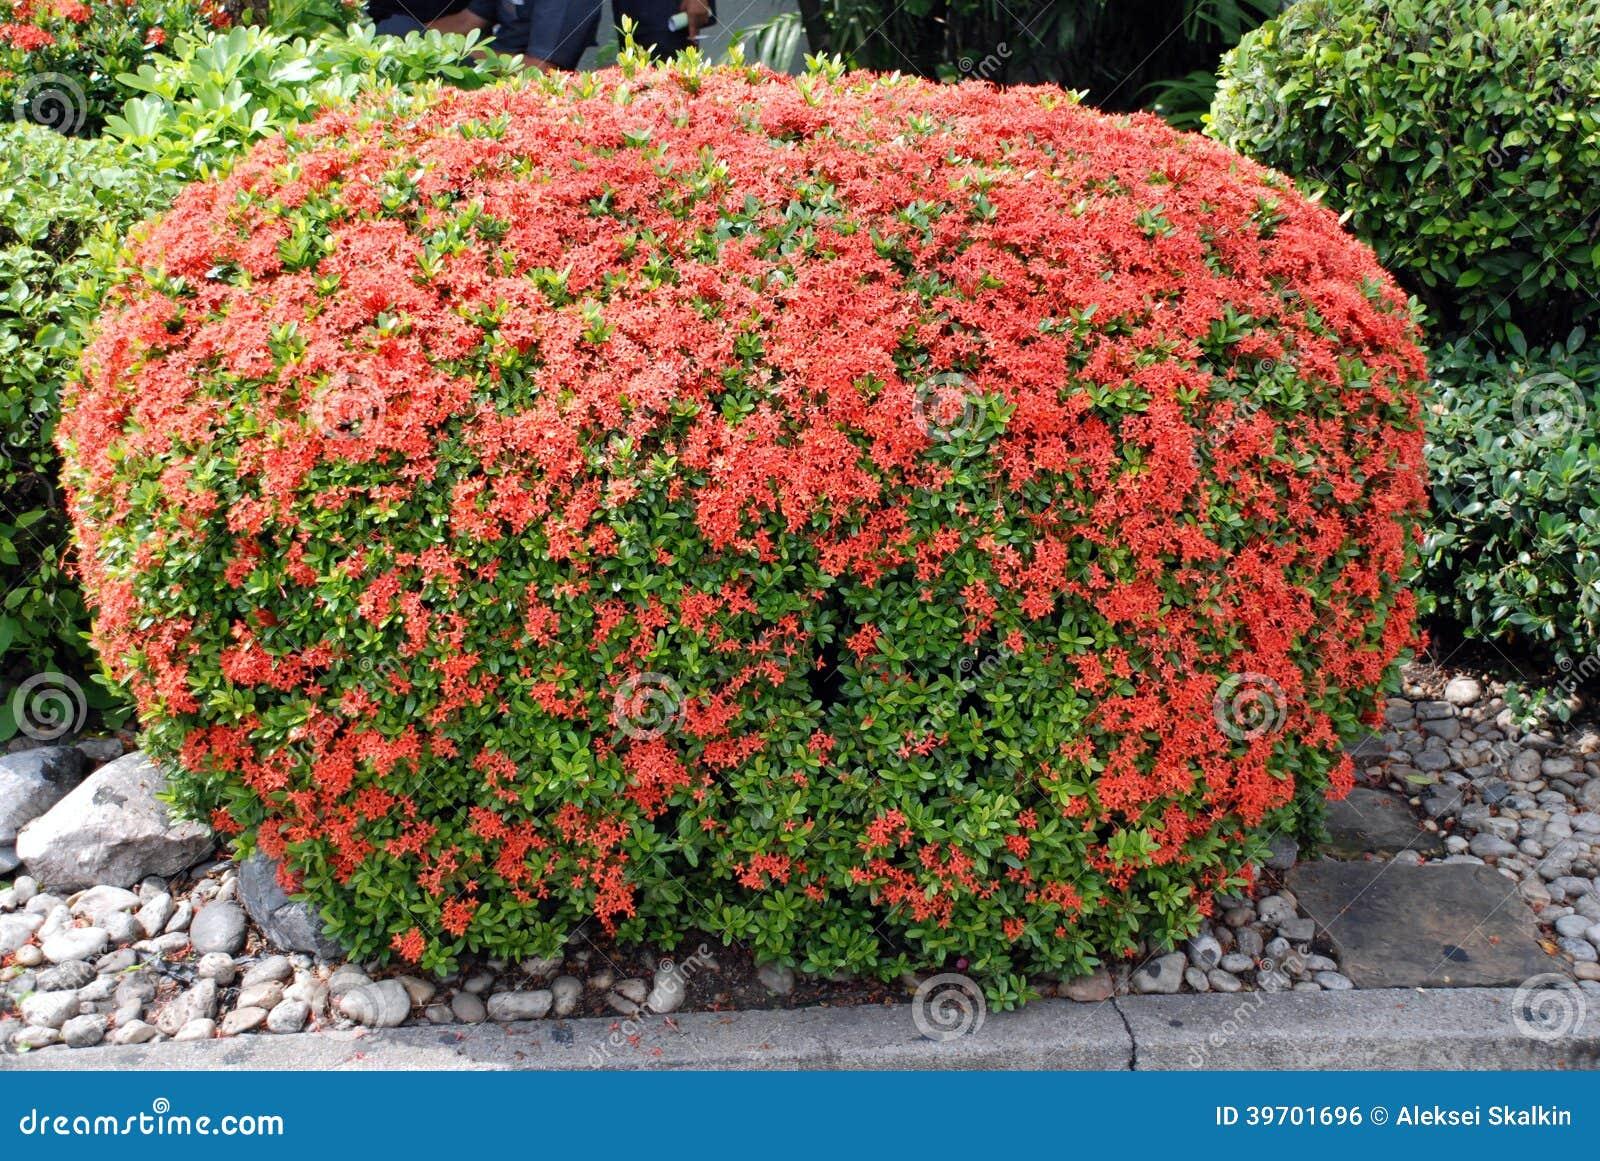 buske med röda blommor